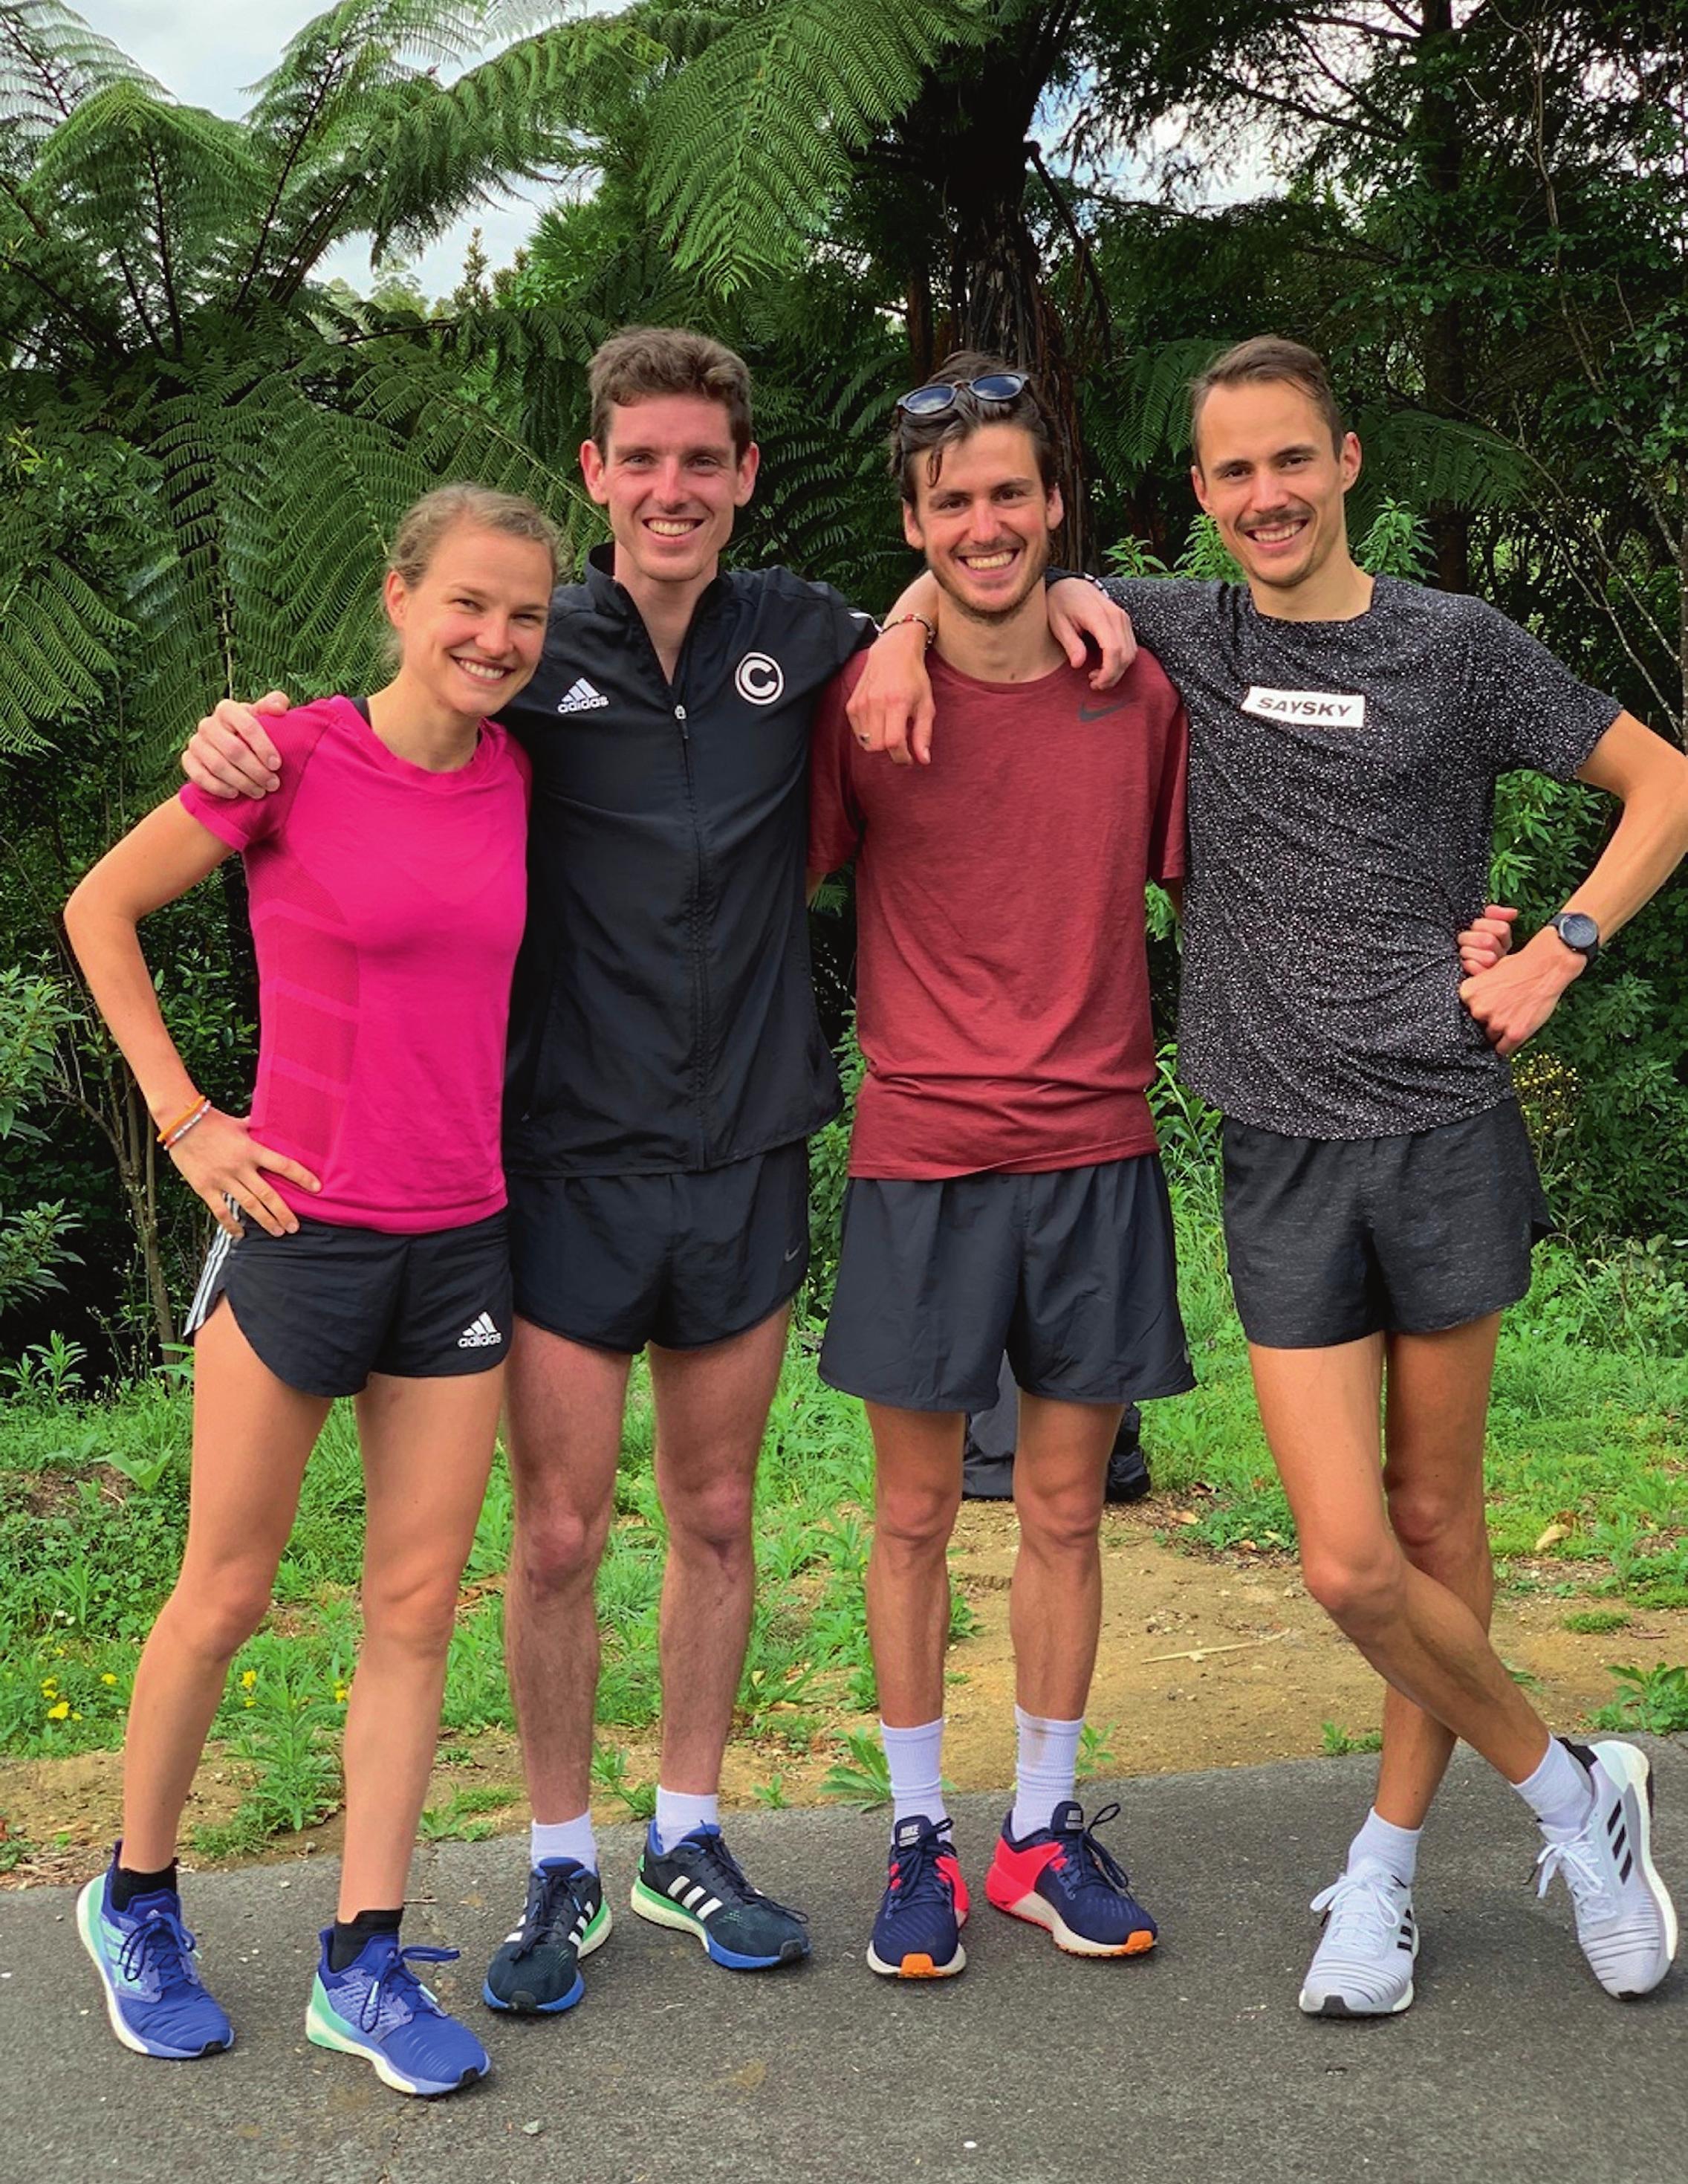 Trainingsgrüppchen (v.l.): Lisa Hahner, Fabian Clarkson, Valentin Pfeil und Philipp Baar